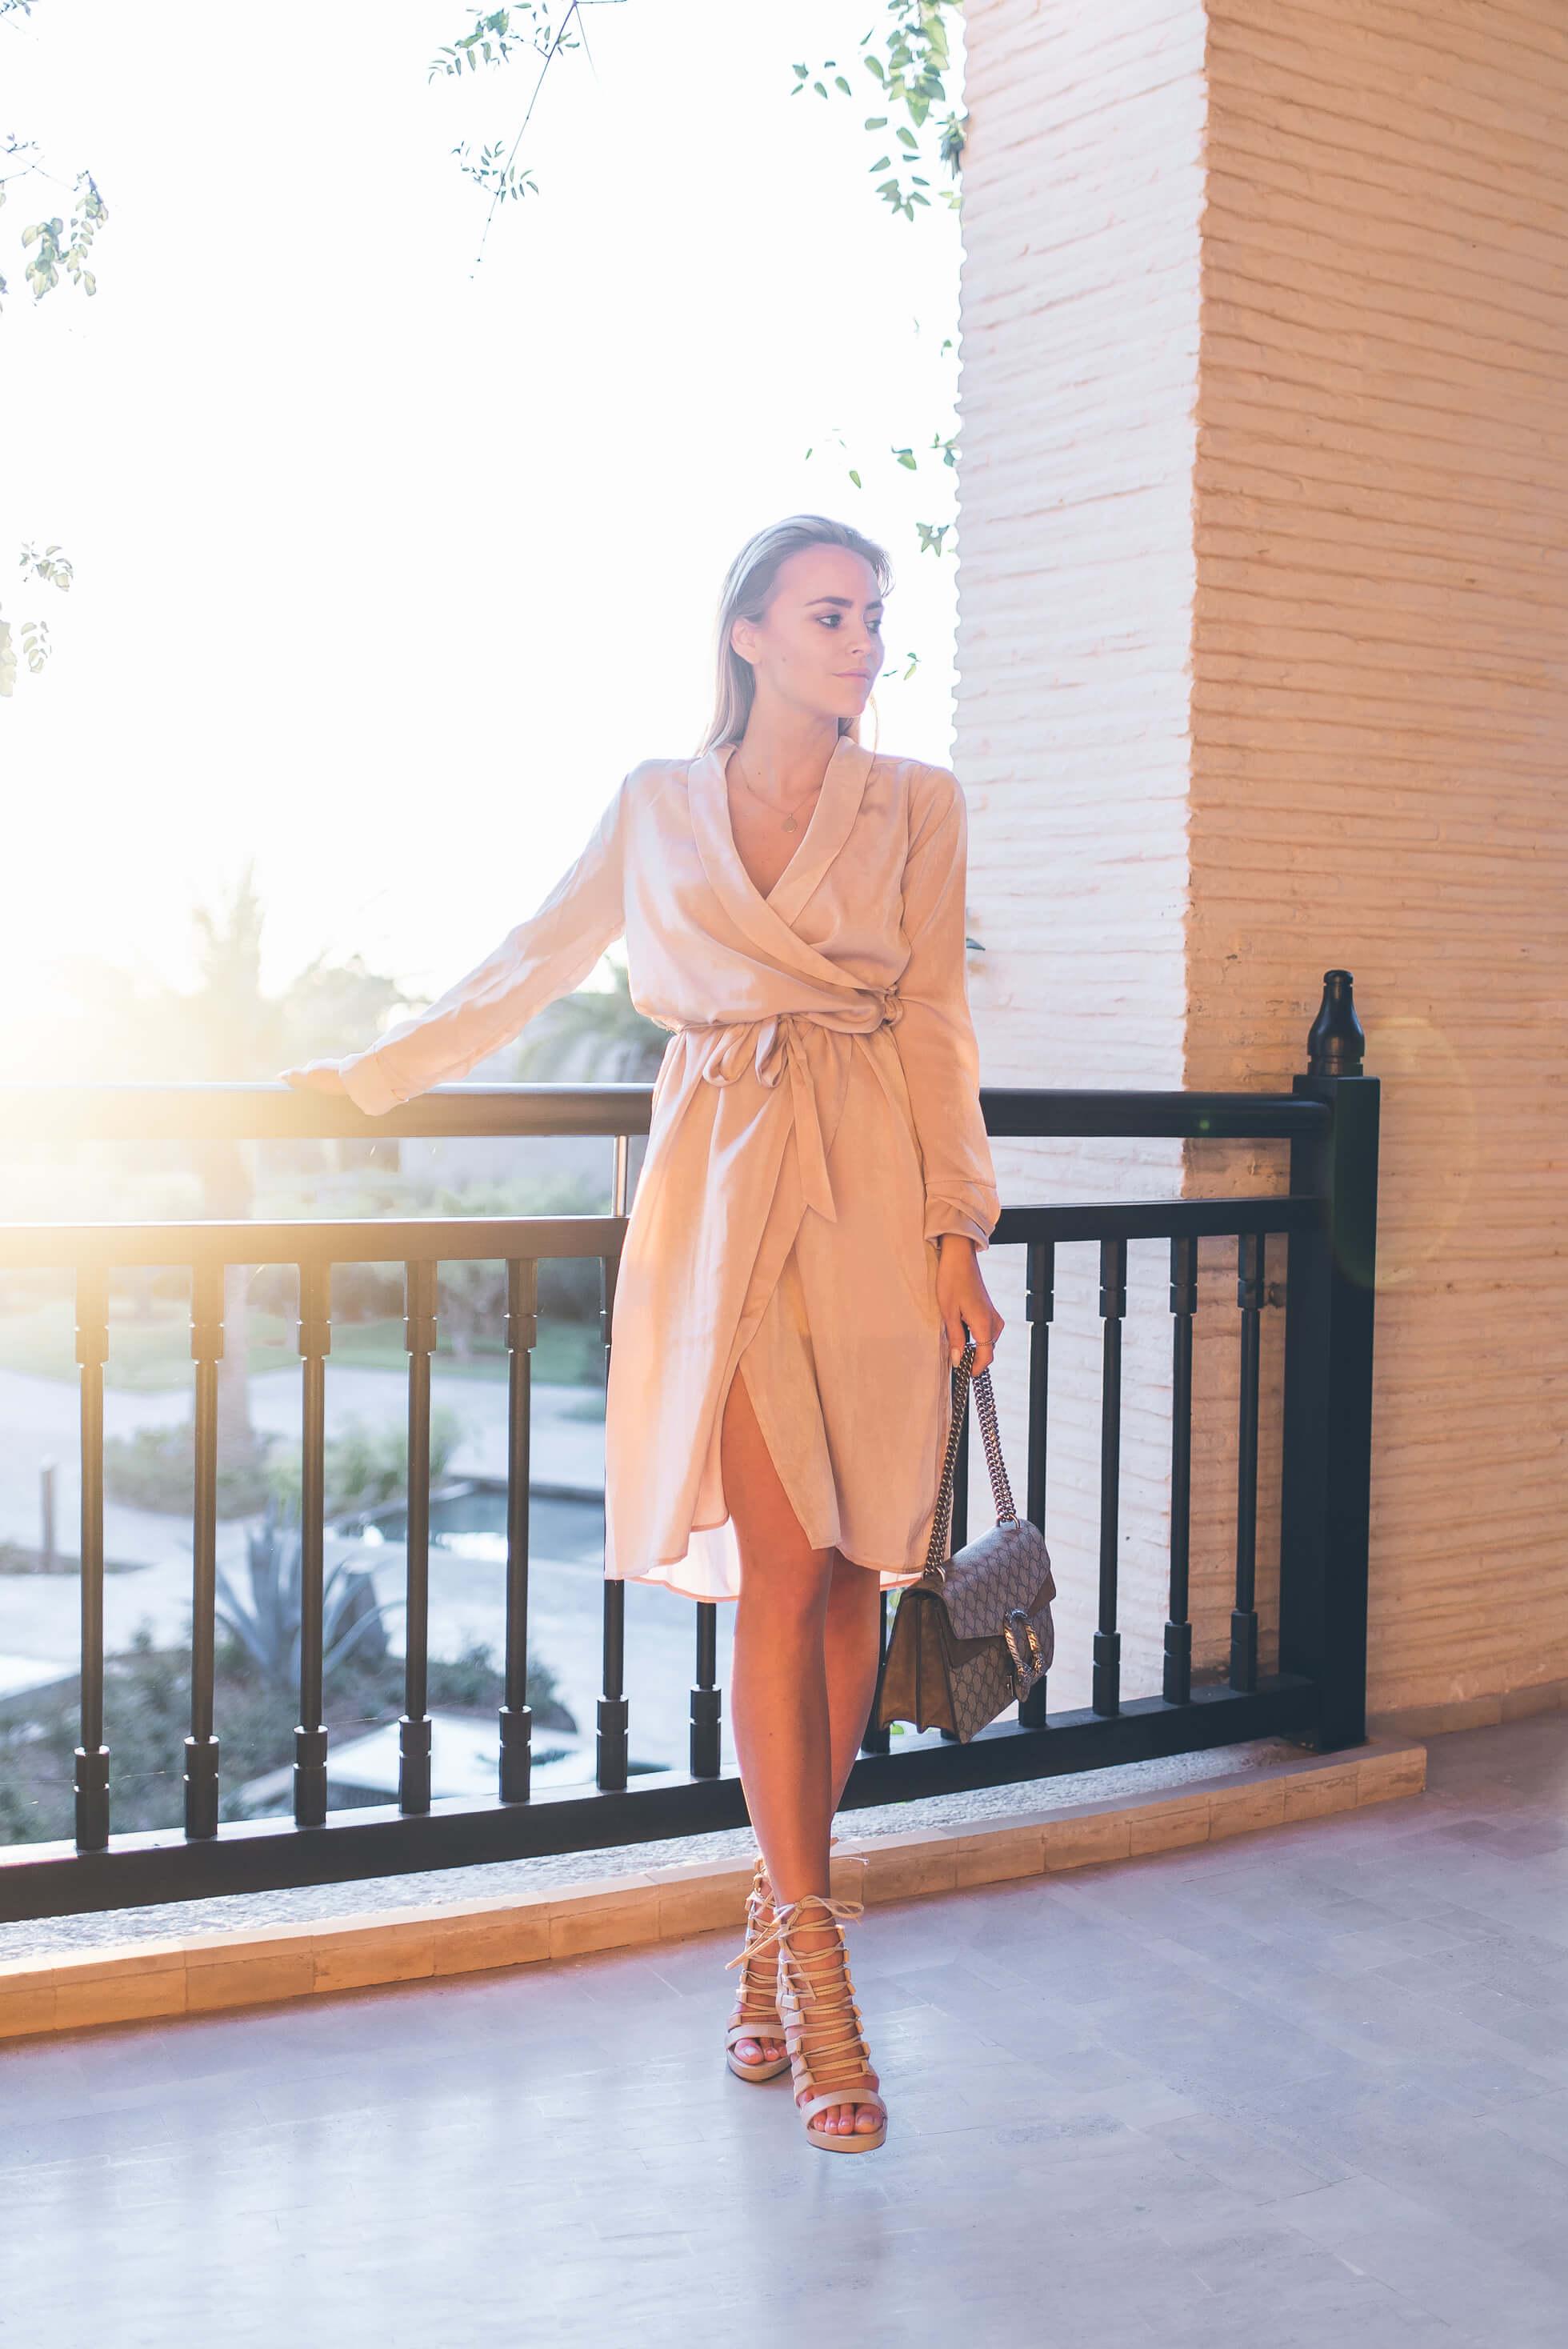 janni-deler-pink-silk-dressDSC_9543